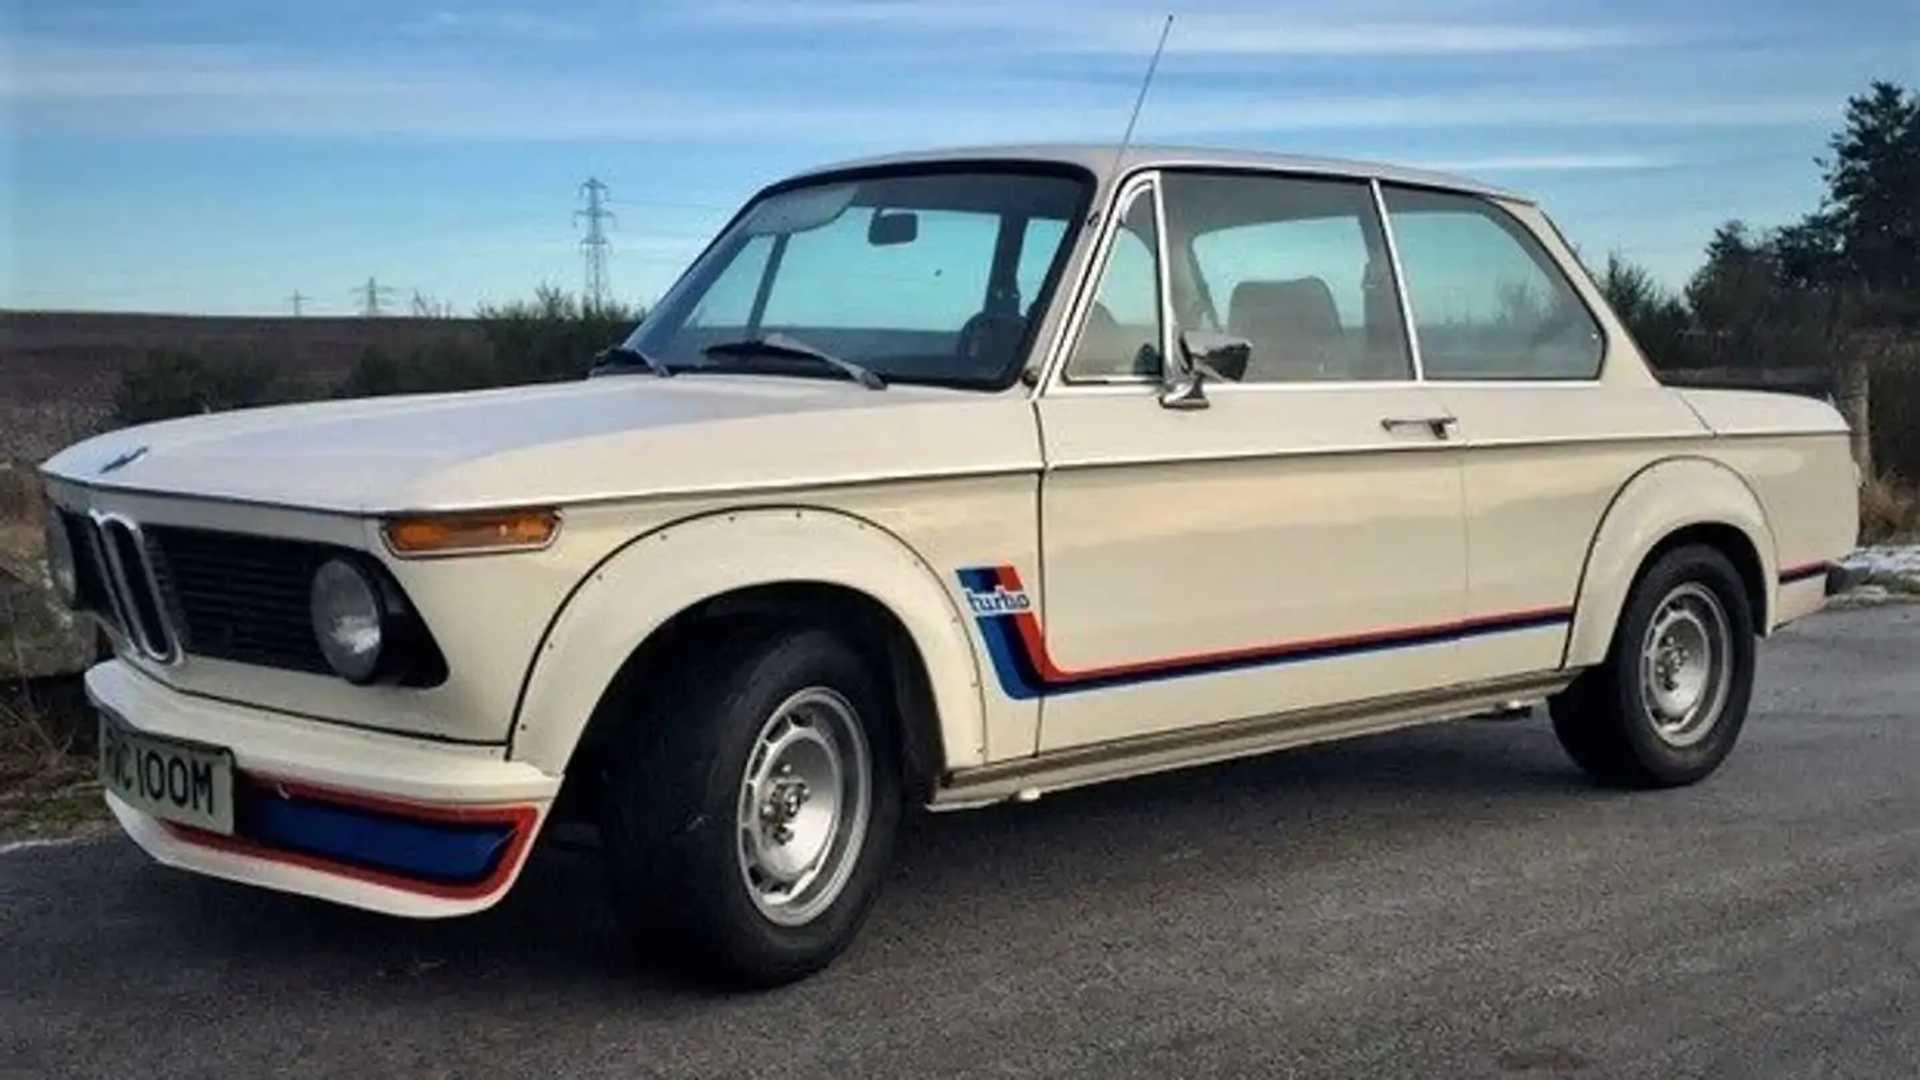 85 000 Pour Cette Bmw 2002 Turbo De 1974